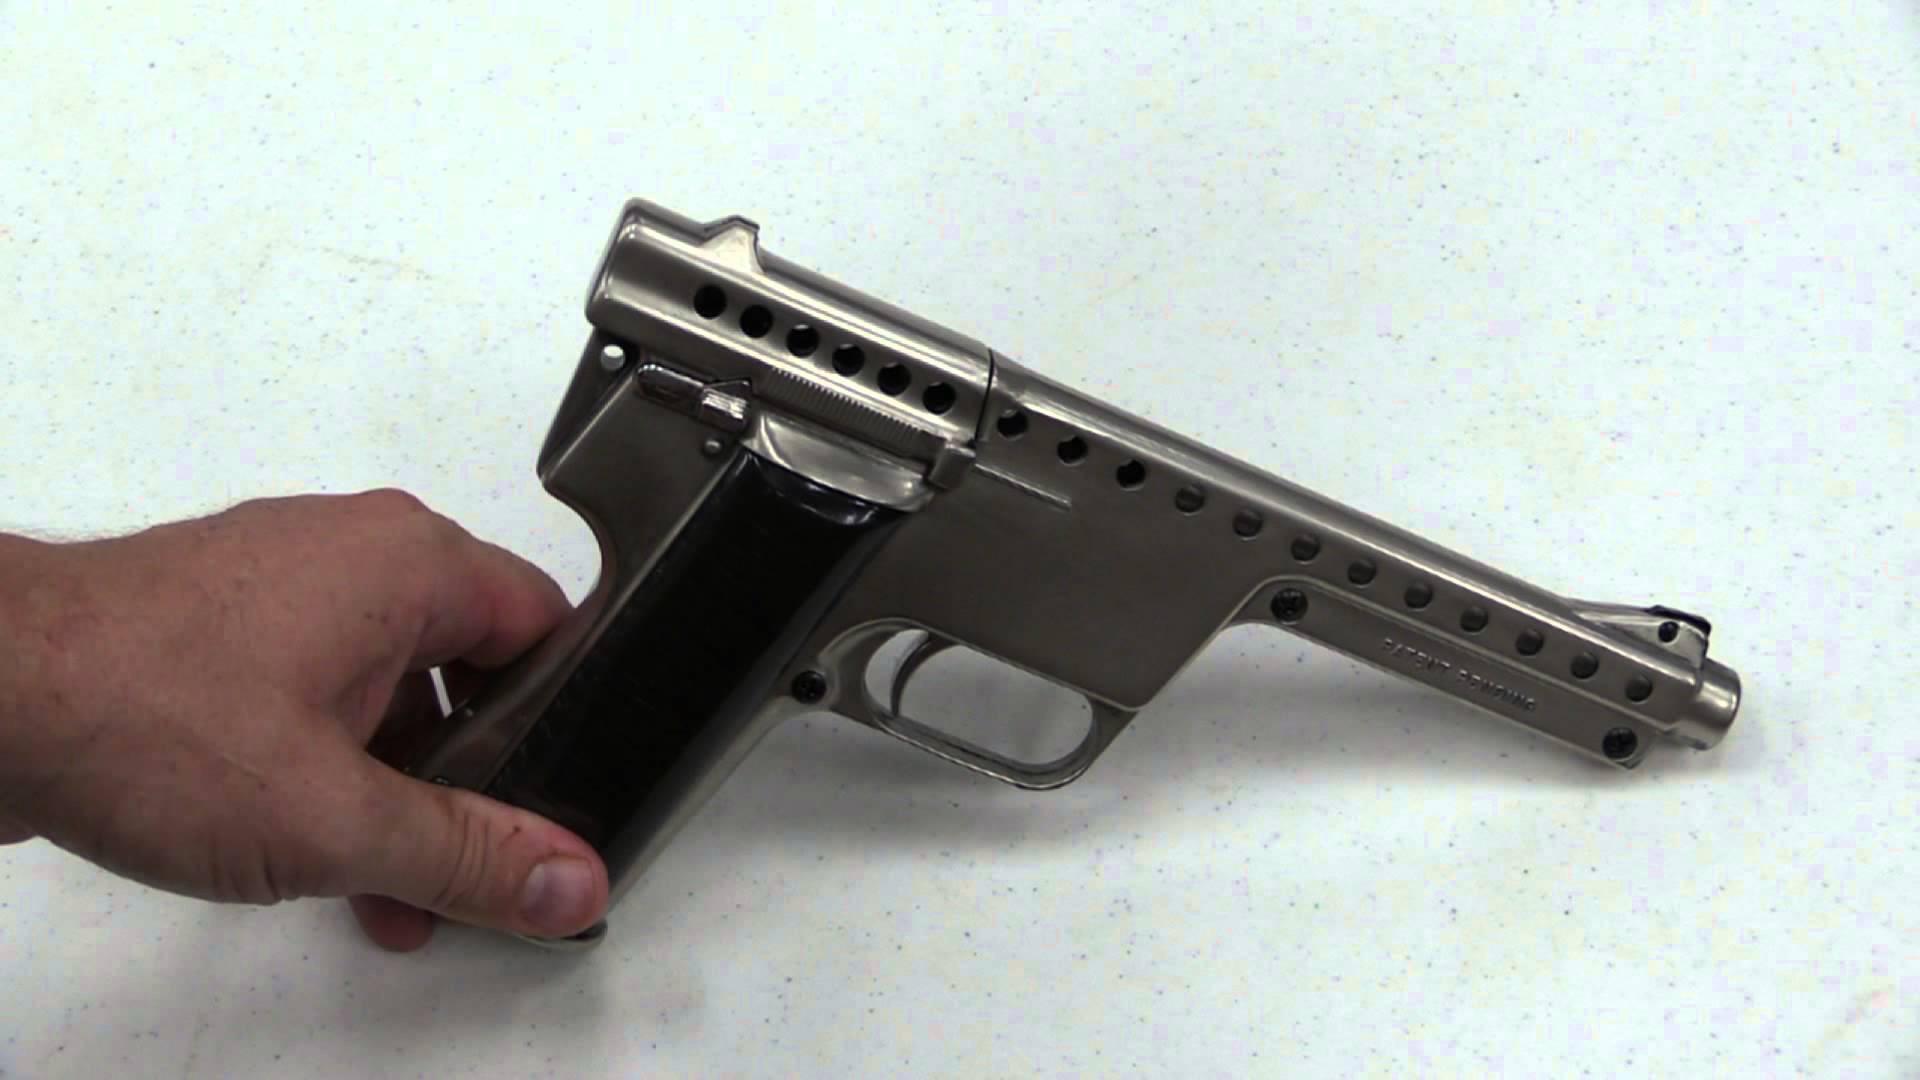 Gyrojet Rocket Pistol